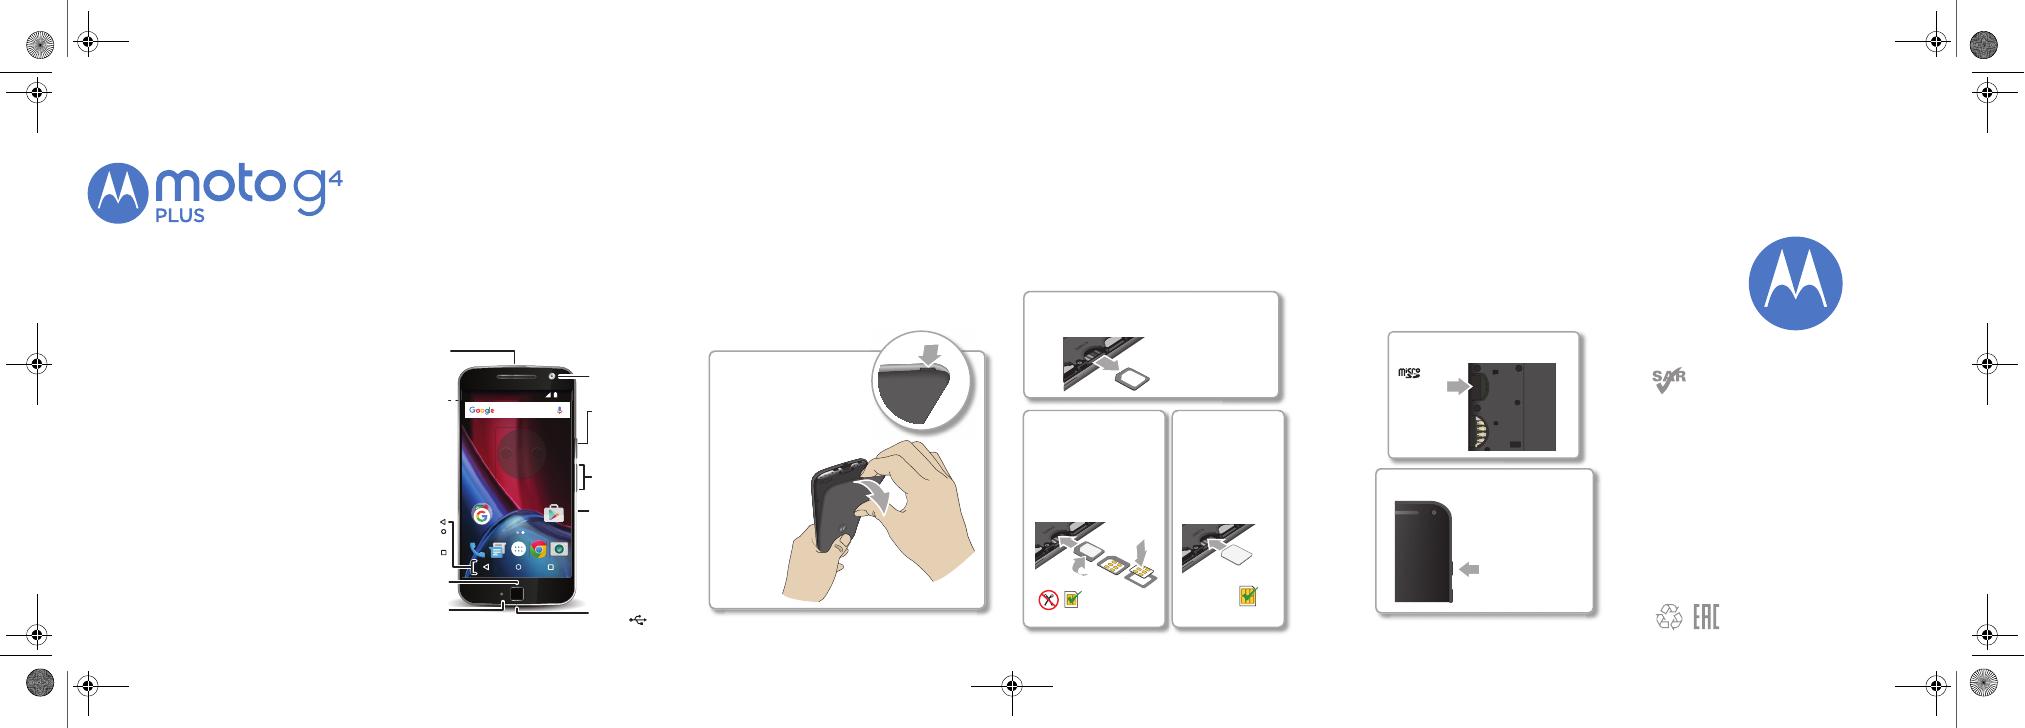 Motorola инструкция пользования